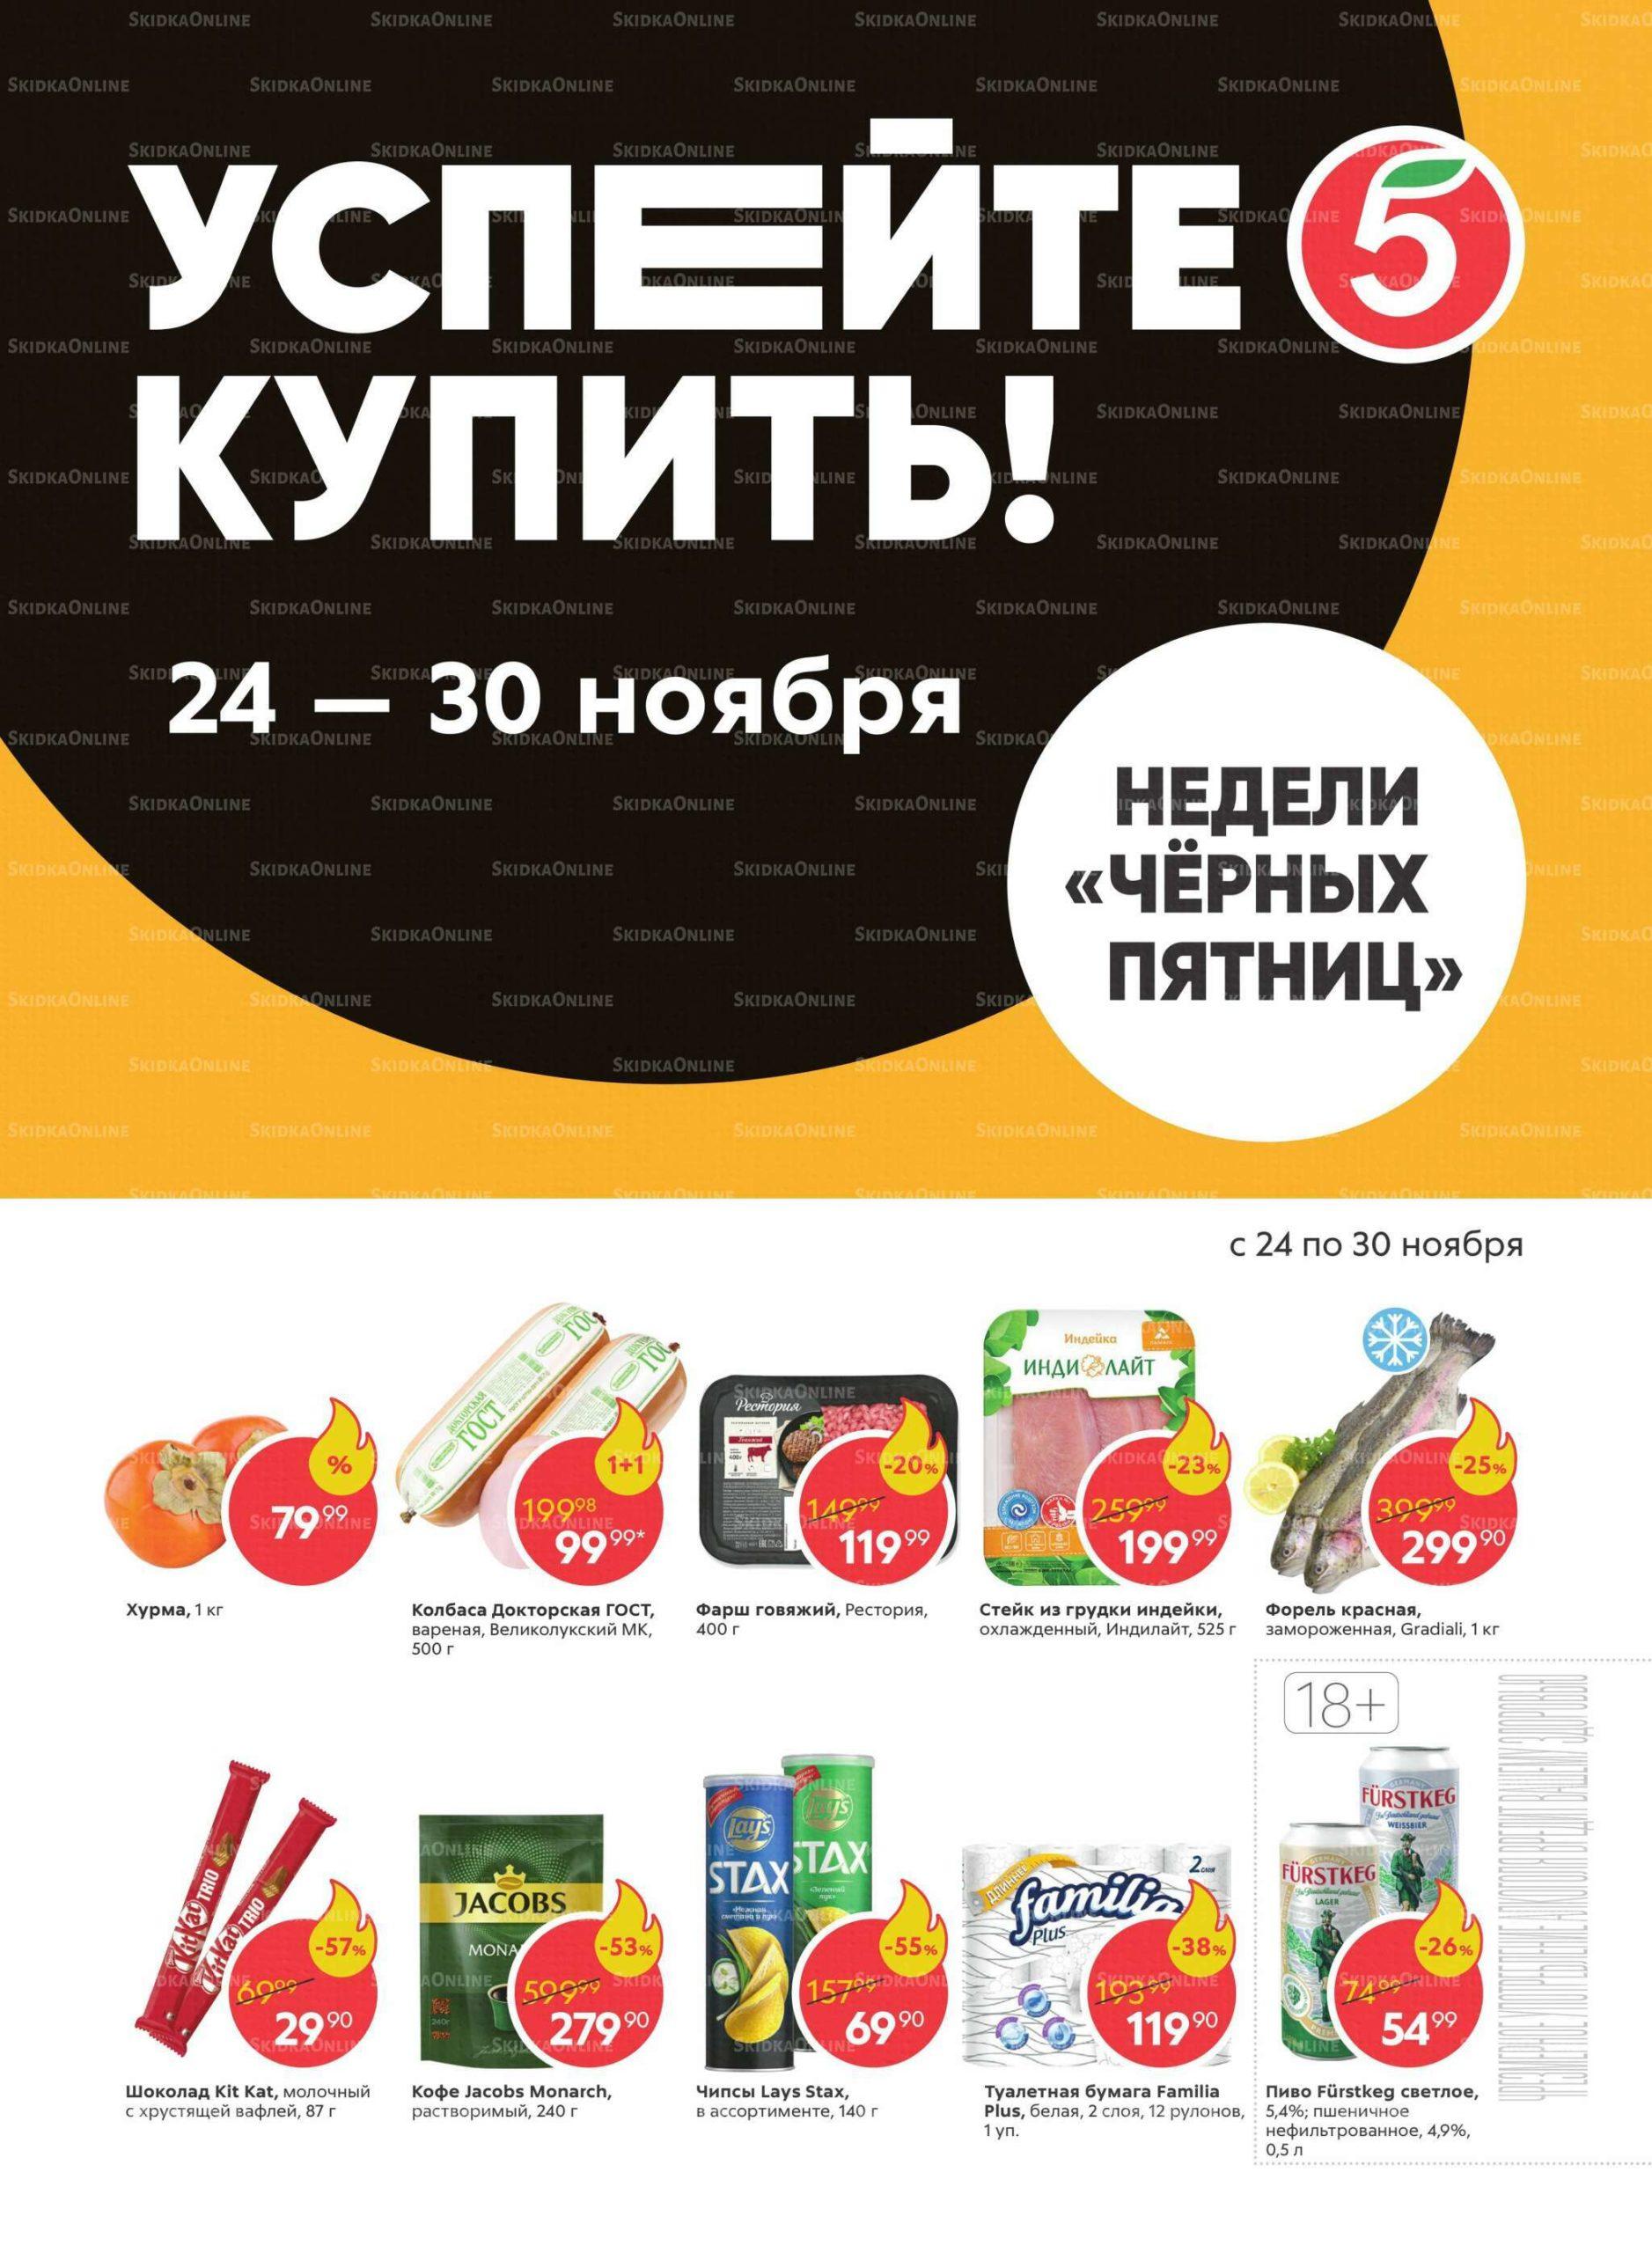 Акции в Пятёрочке с 24 по 30 ноября 2020 года